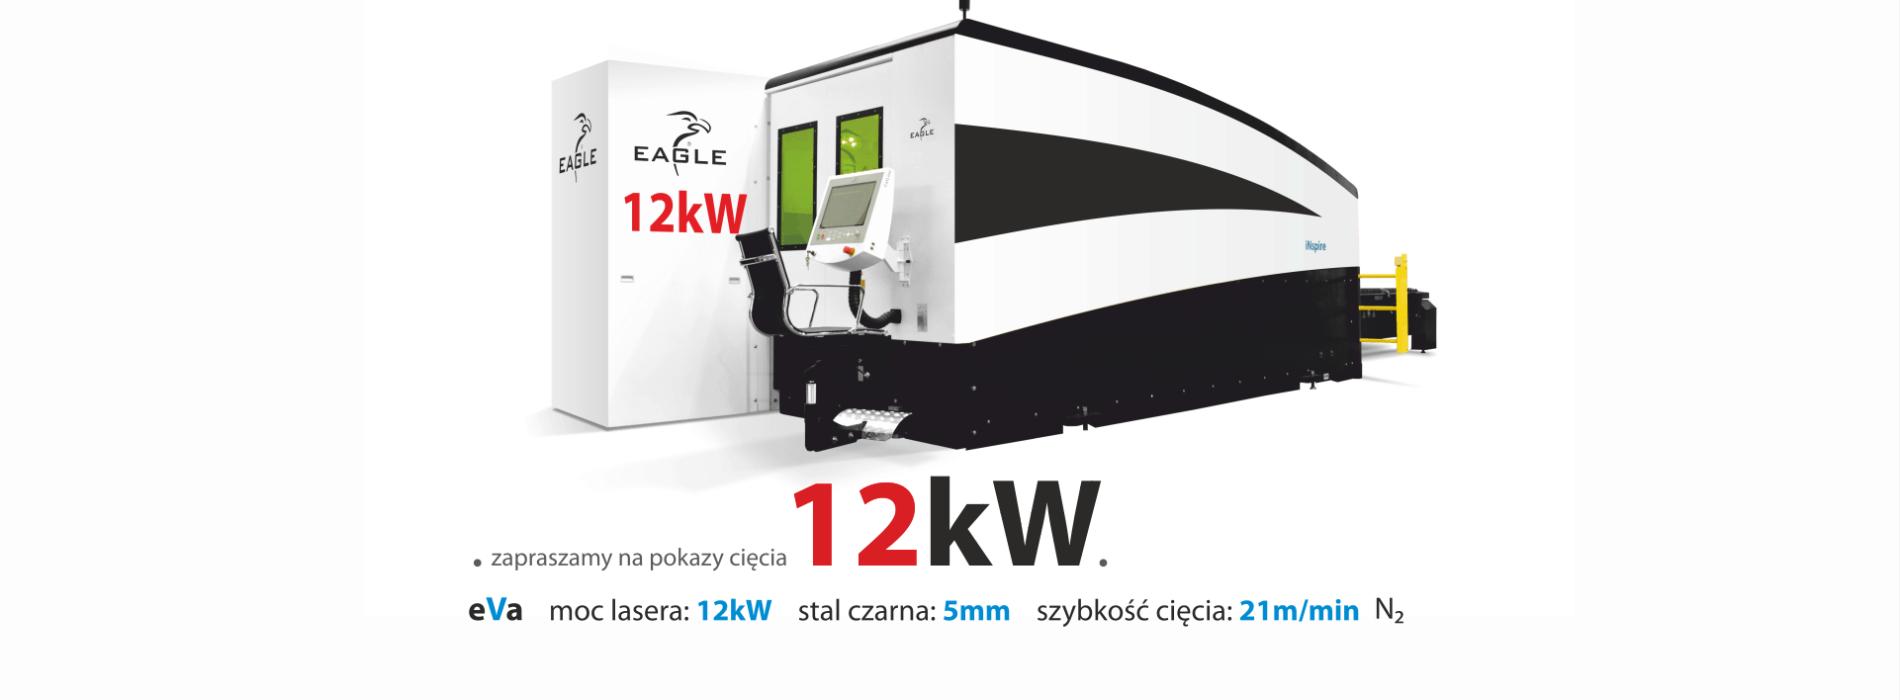 EAGLE zaprasza na targi STOM – LASER 2018 do Kielc